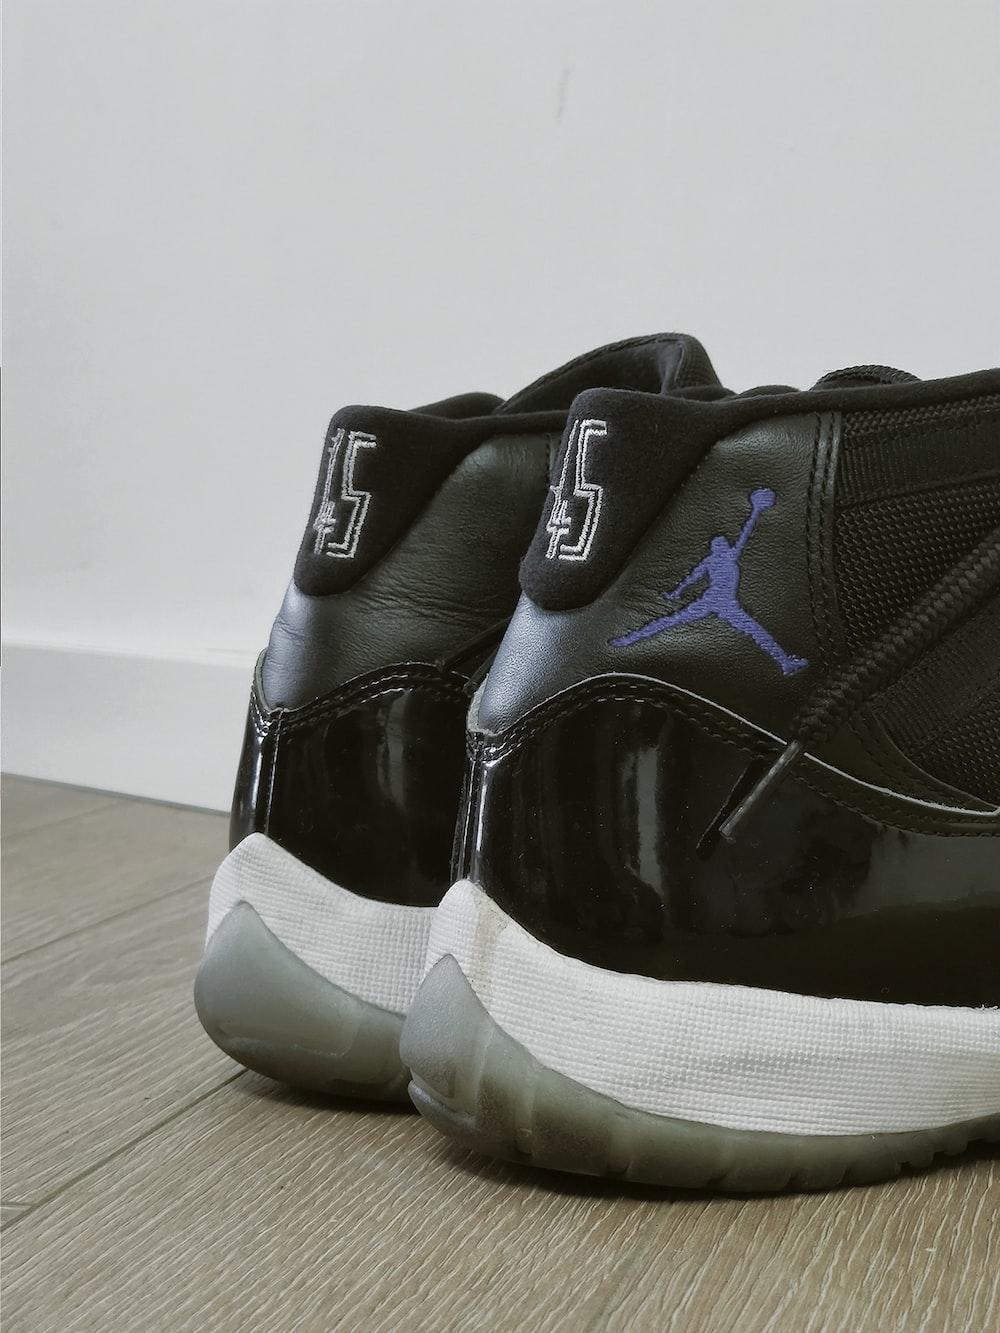 pair of black Air Jordan basketball shoes